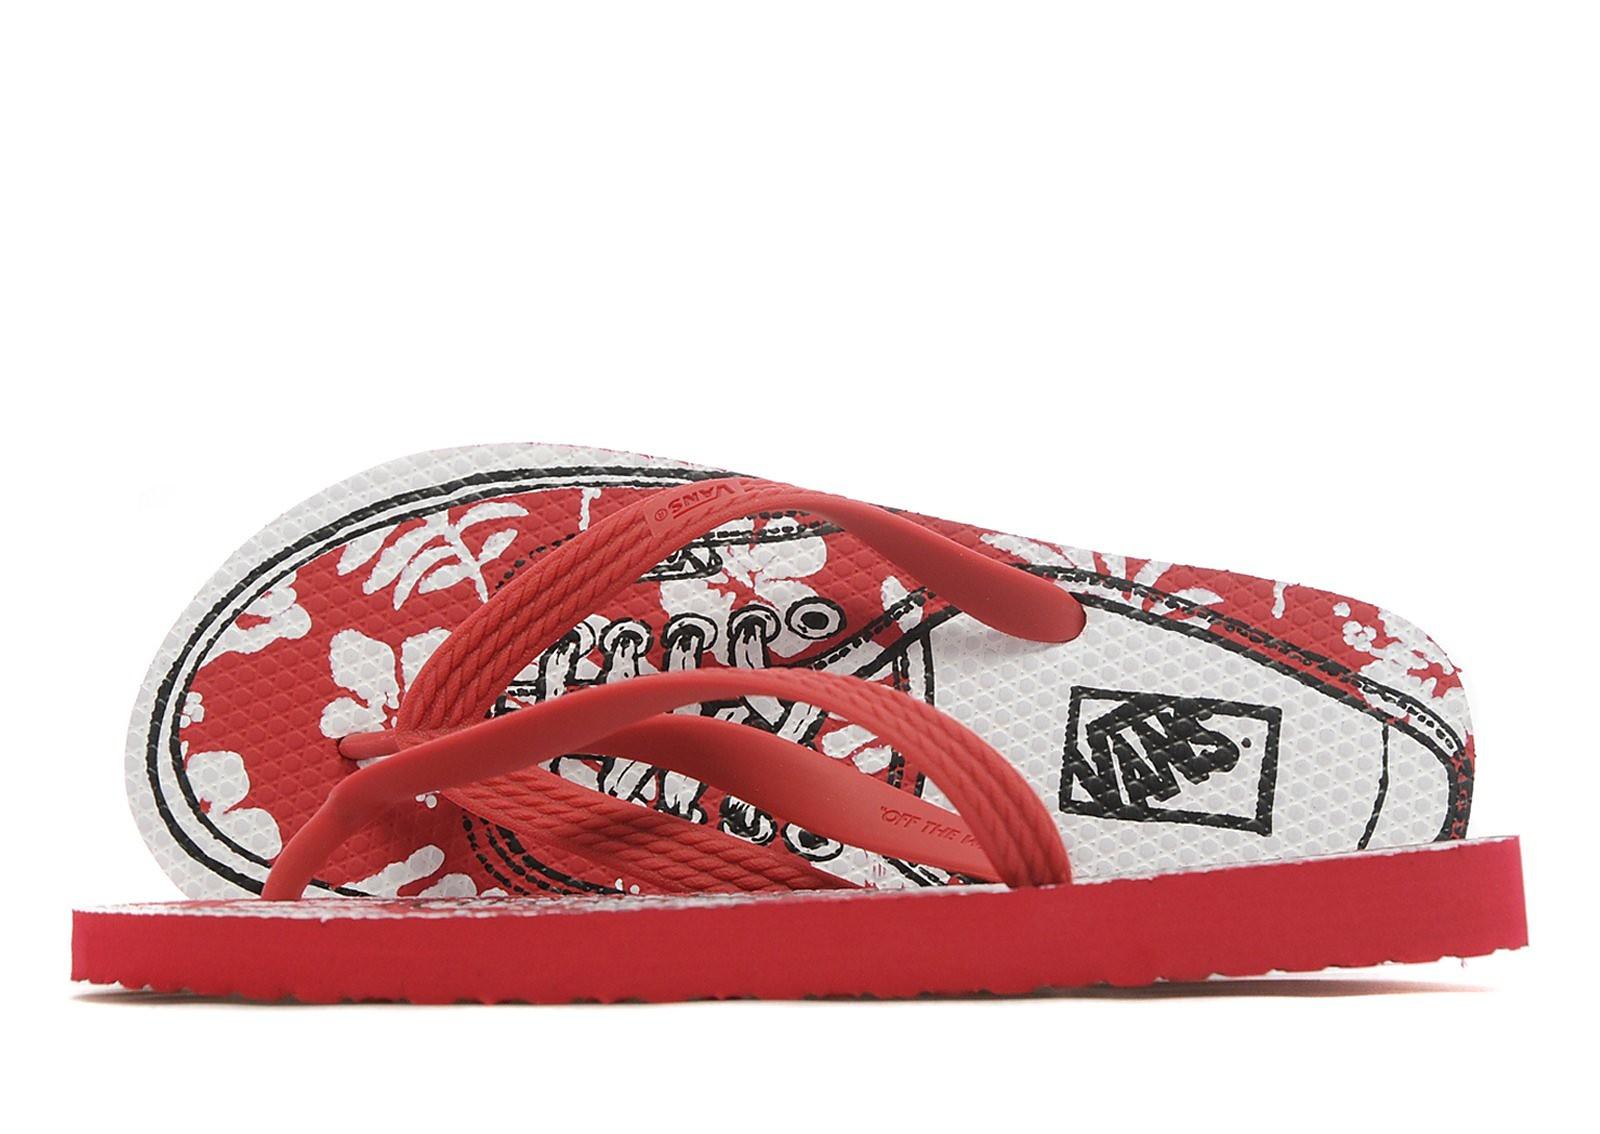 Vans Hanalei Flip Flops